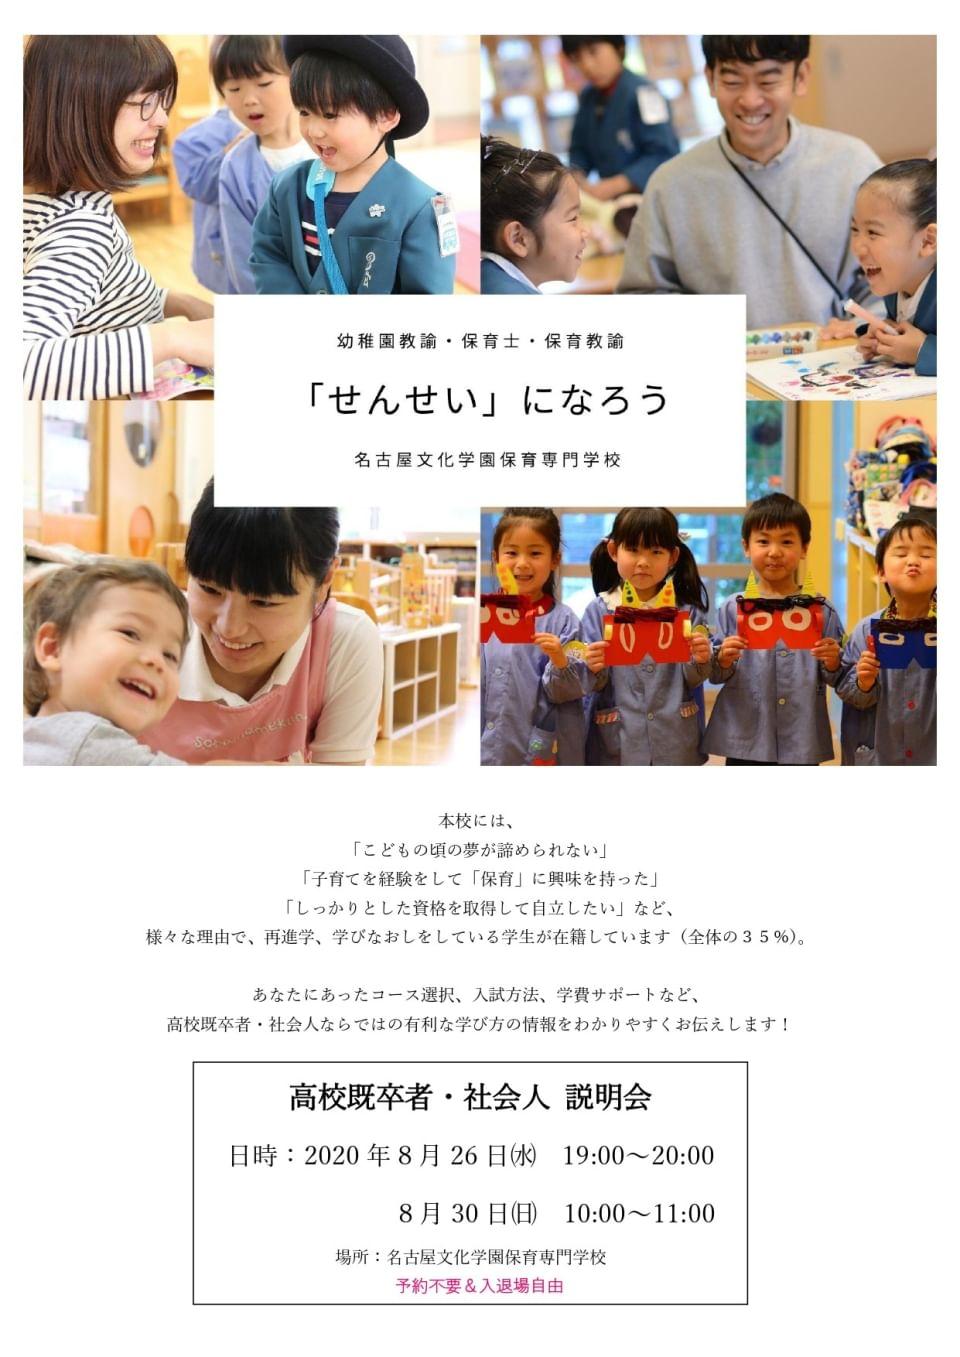 学園 学校 専門 名古屋 文化 保育